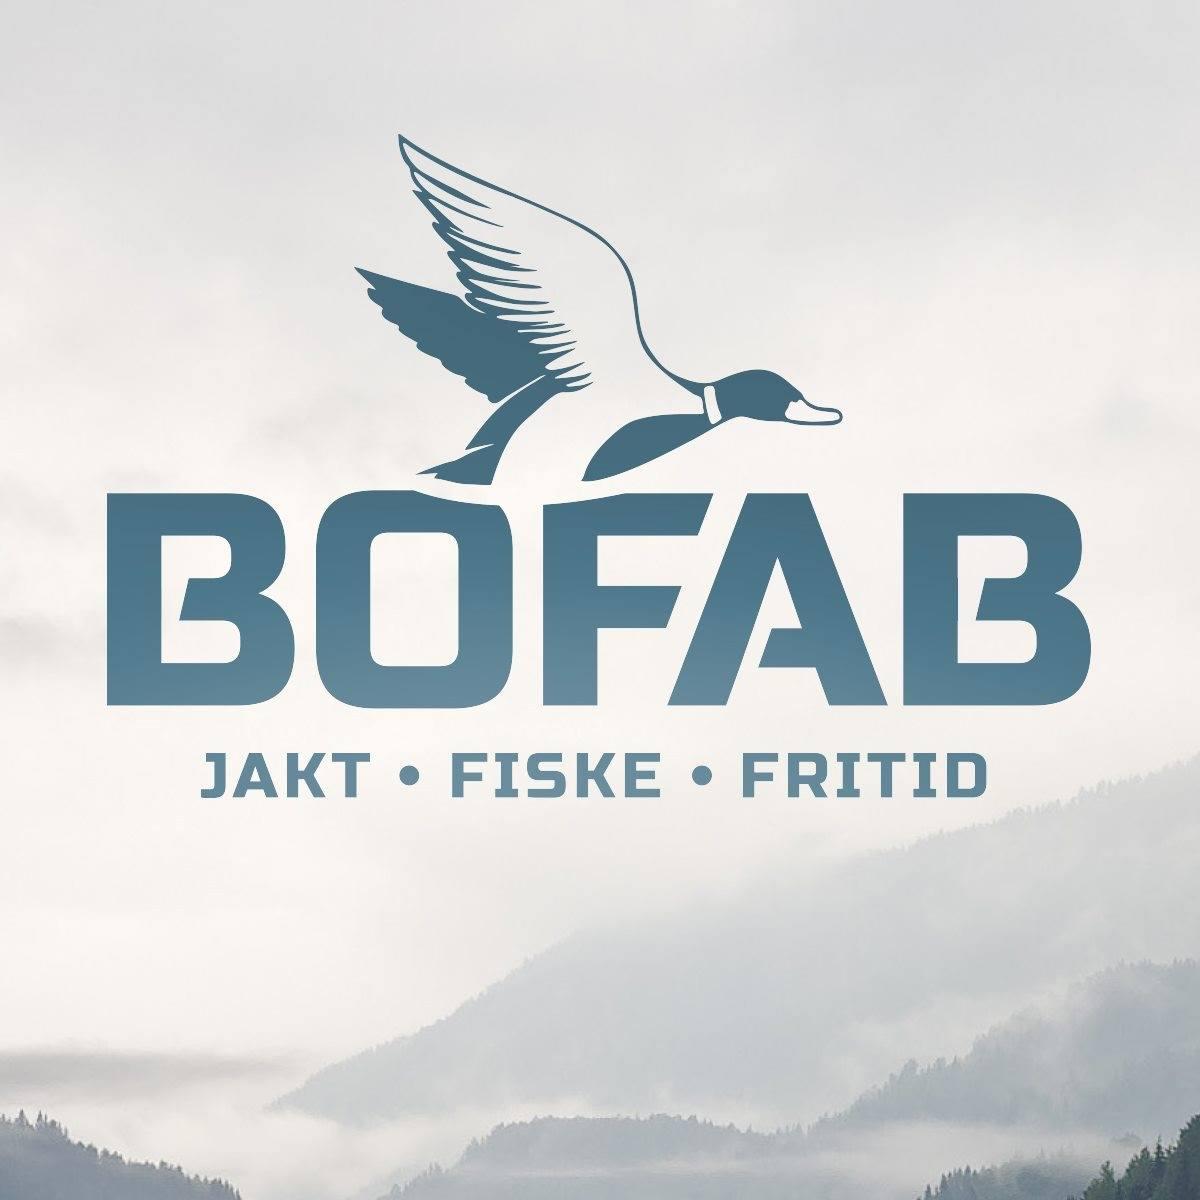 bofab